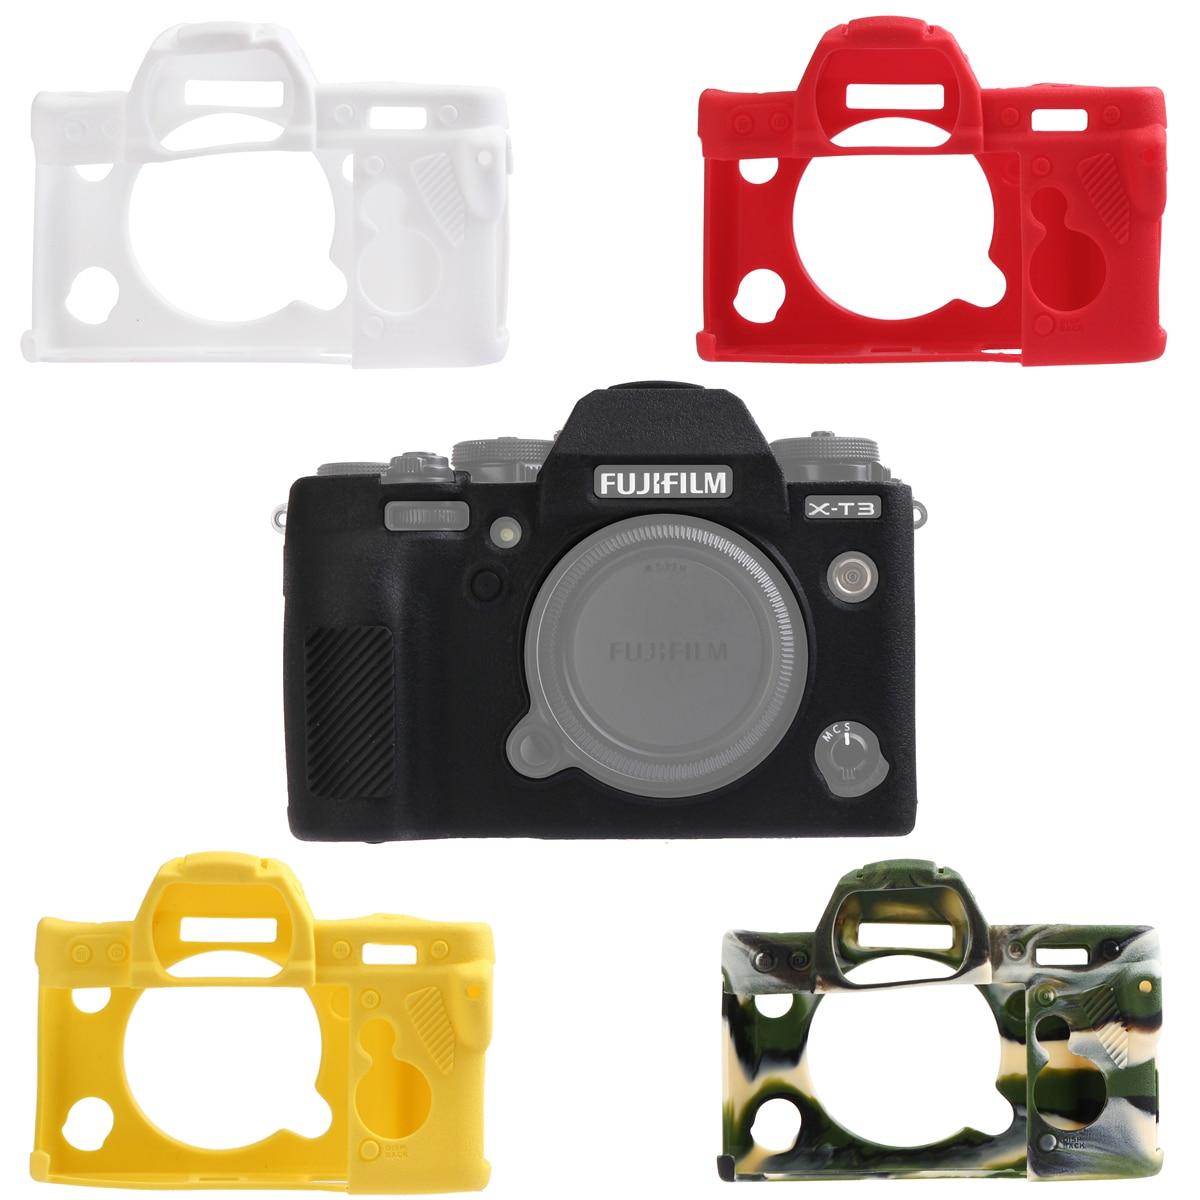 Borracha de Silicone Protetor para Câmera Textura Melhor Suave Case Capa Quadro Pele Fuji Fujifilm X-t3 Xt3